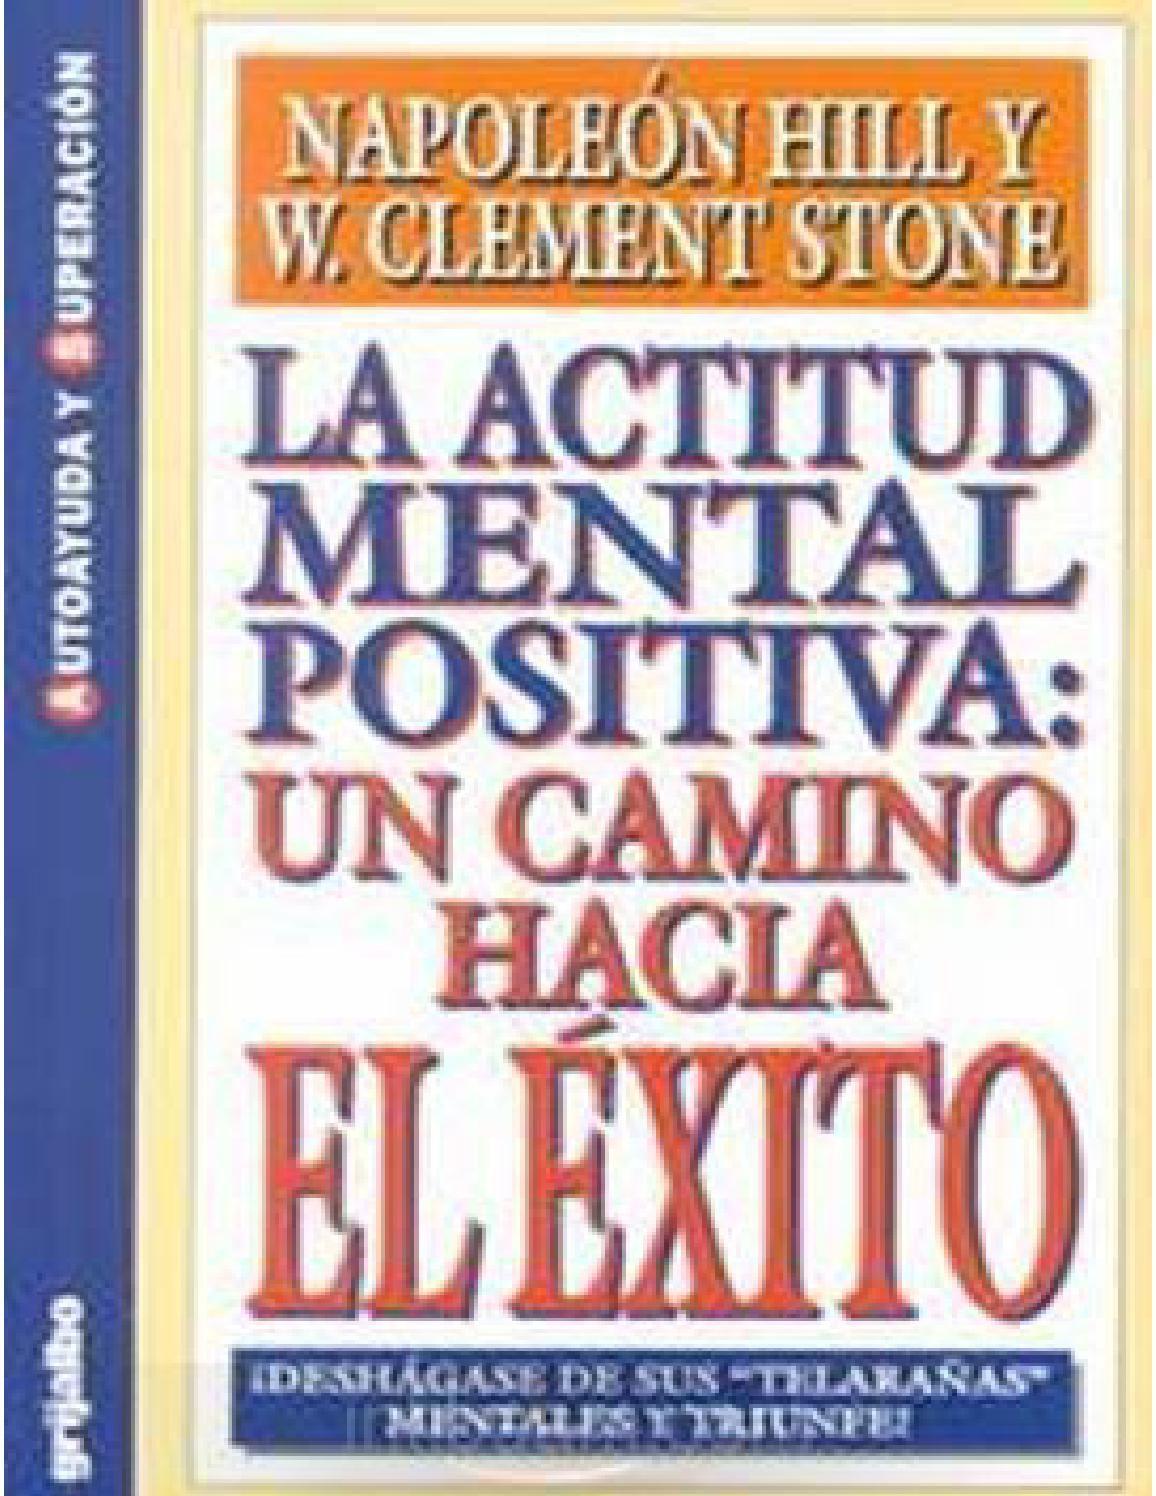 La actitud mental positiva: Un camino hacia el exito Autor → Napoleon hill  / W